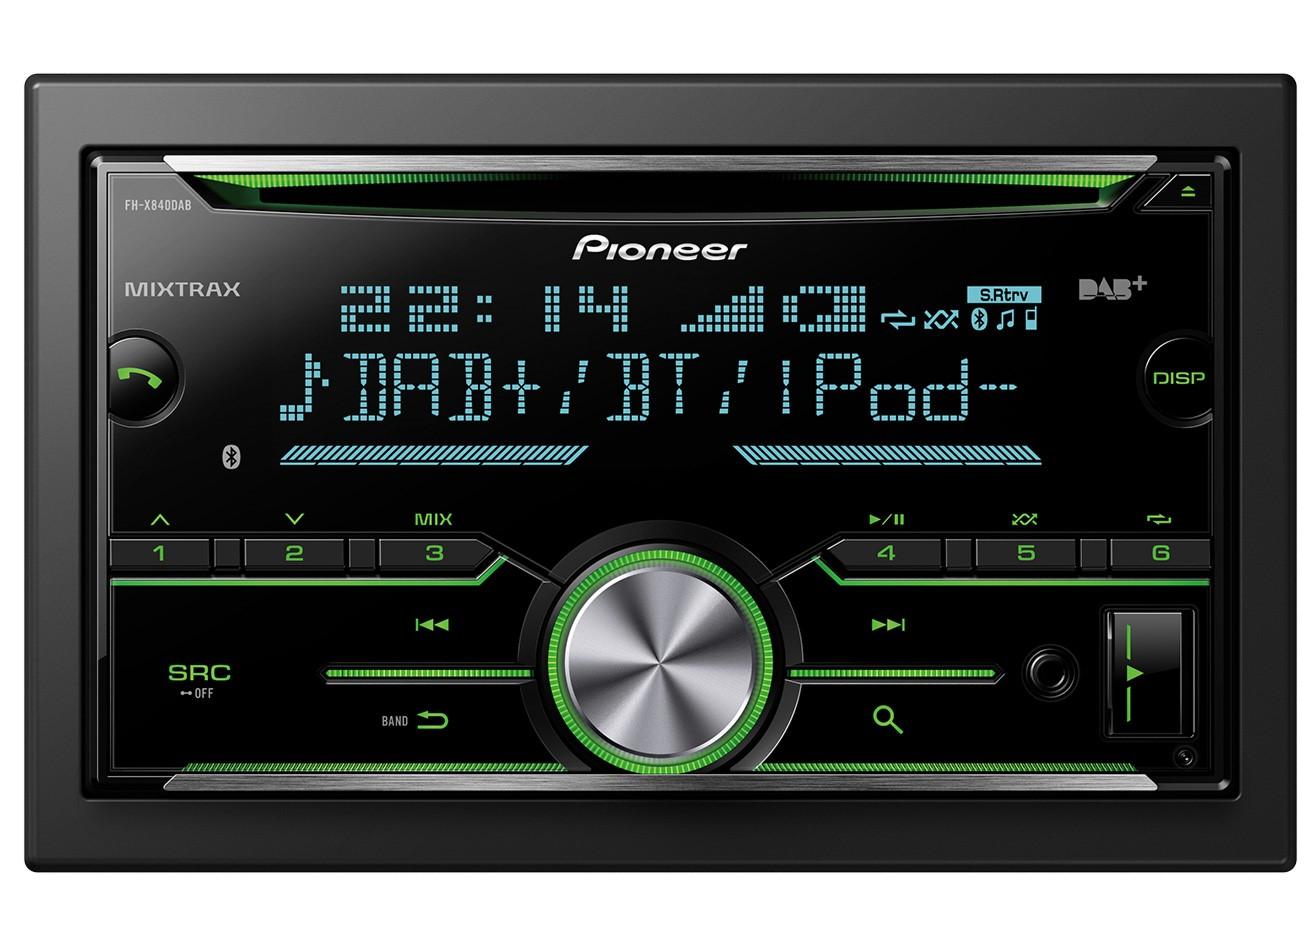 pioneer avh x8700bt spotify installieren ford fiesta radio wiring diagram 2000 fh x840dab 2 din bluetooth dab 43 usb